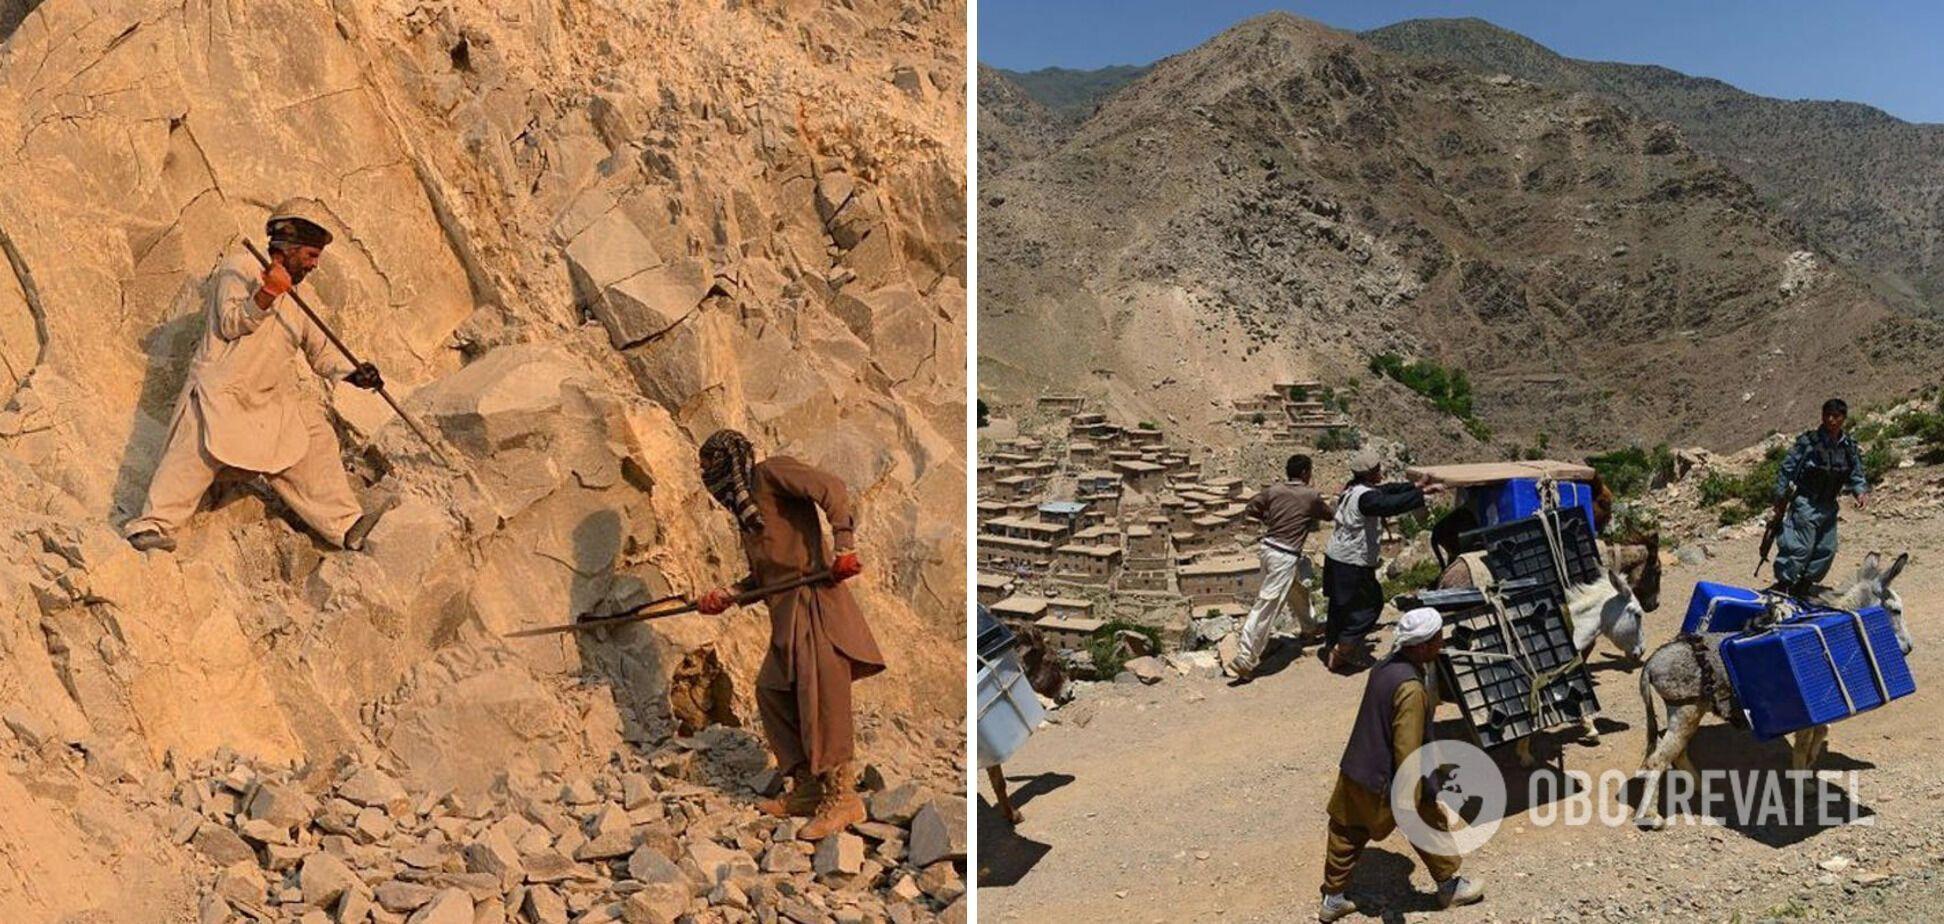 Геологи обнаружили на территории Афганистана огромные залежи полезных ископаемых